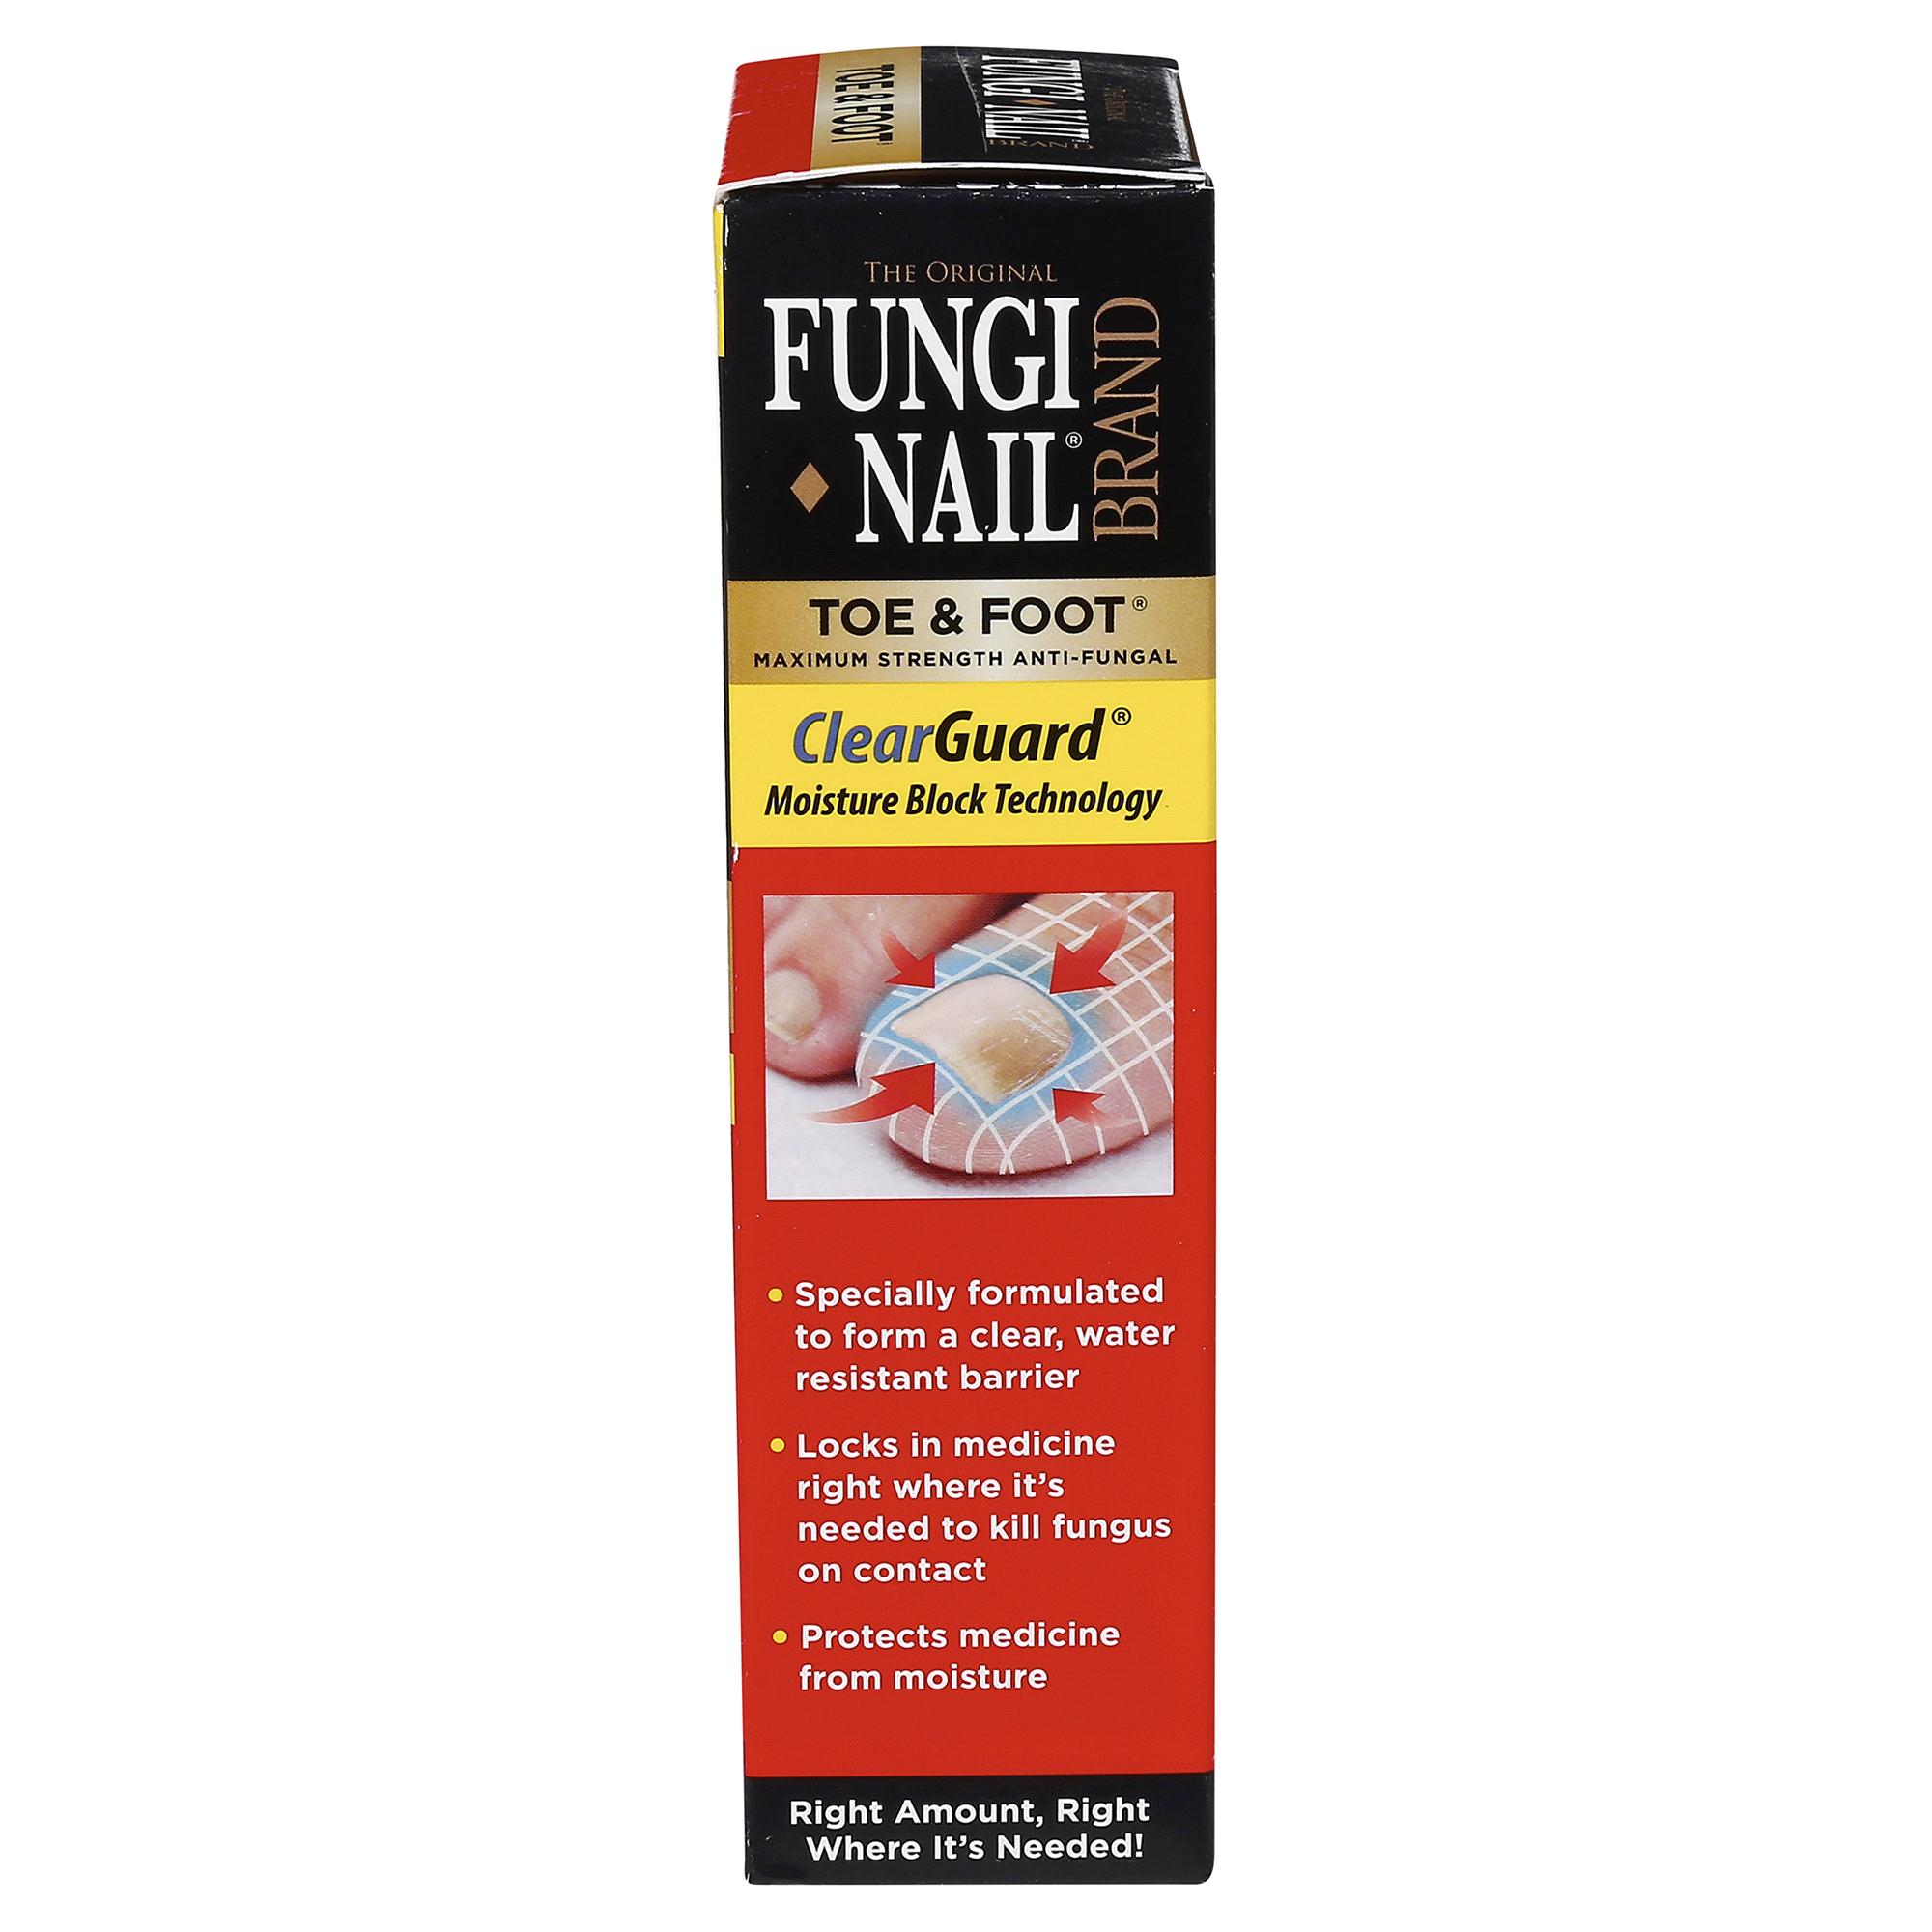 Fungi Nail Toe & Foot Maximum Strength Anti-Fungal .7 oz | Meijer.com